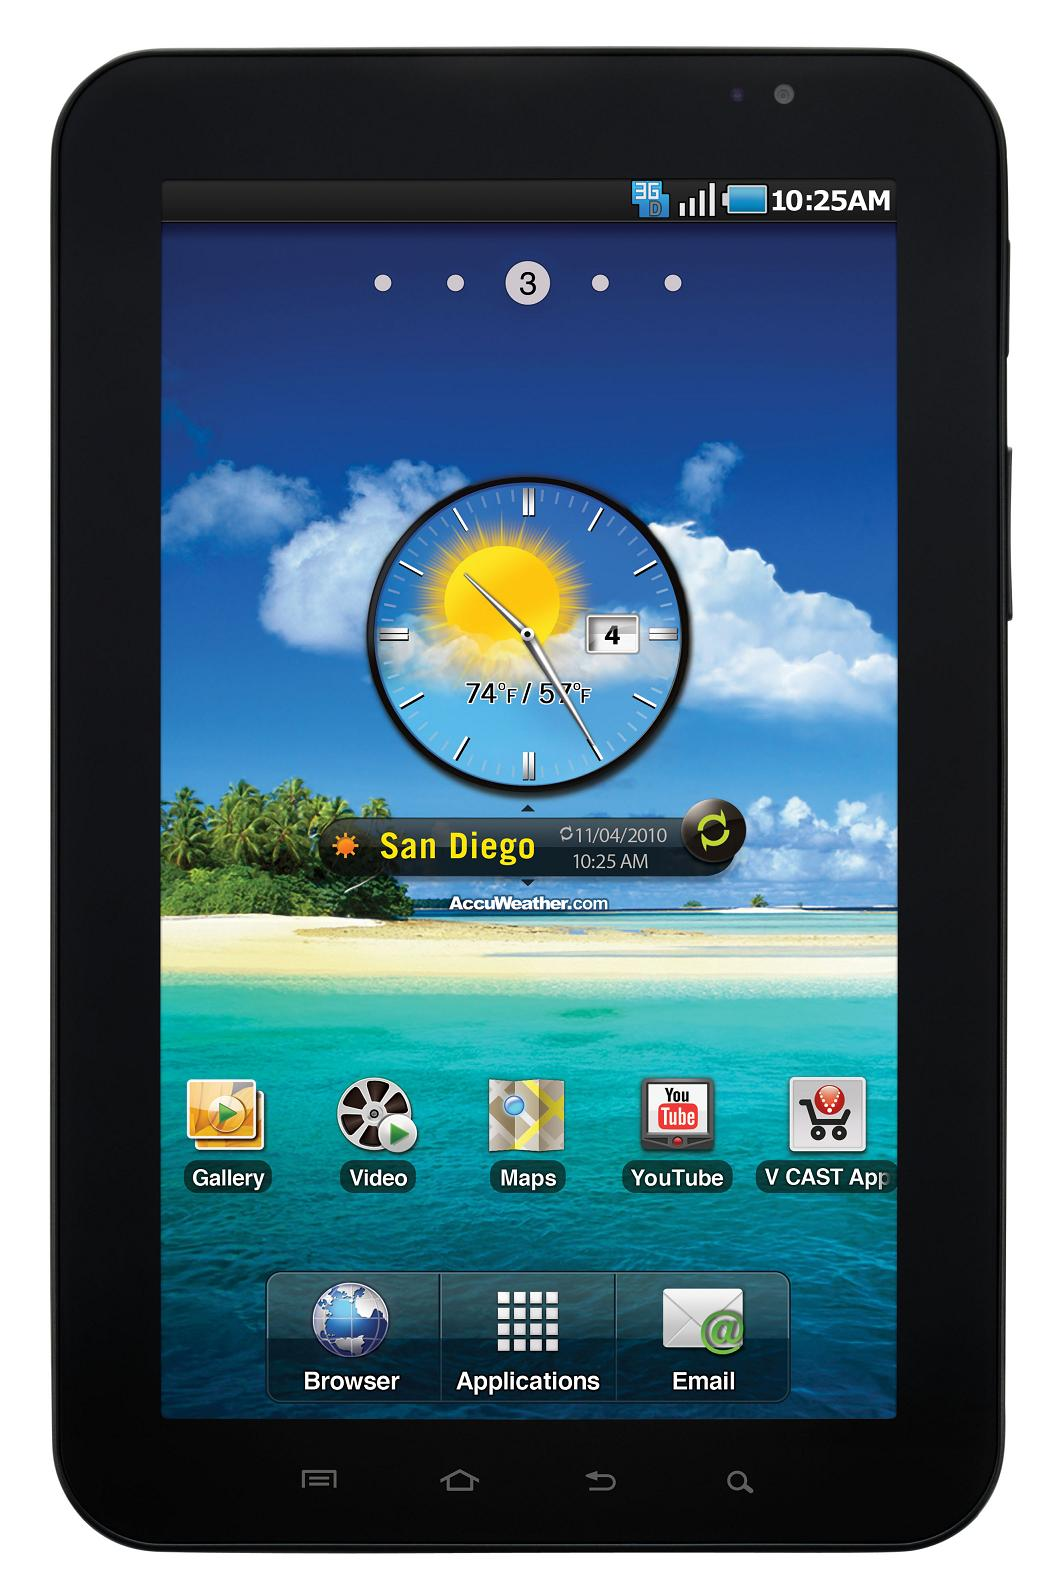 http://1.bp.blogspot.com/-iIZOnpJ_y2c/ThOF2RFI5yI/AAAAAAAACIM/-3UY1UN5VjM/s1600/Samsung+GT-i800+-+Galaxy+Tab+7.0++Verizon+-+HD10.jpg